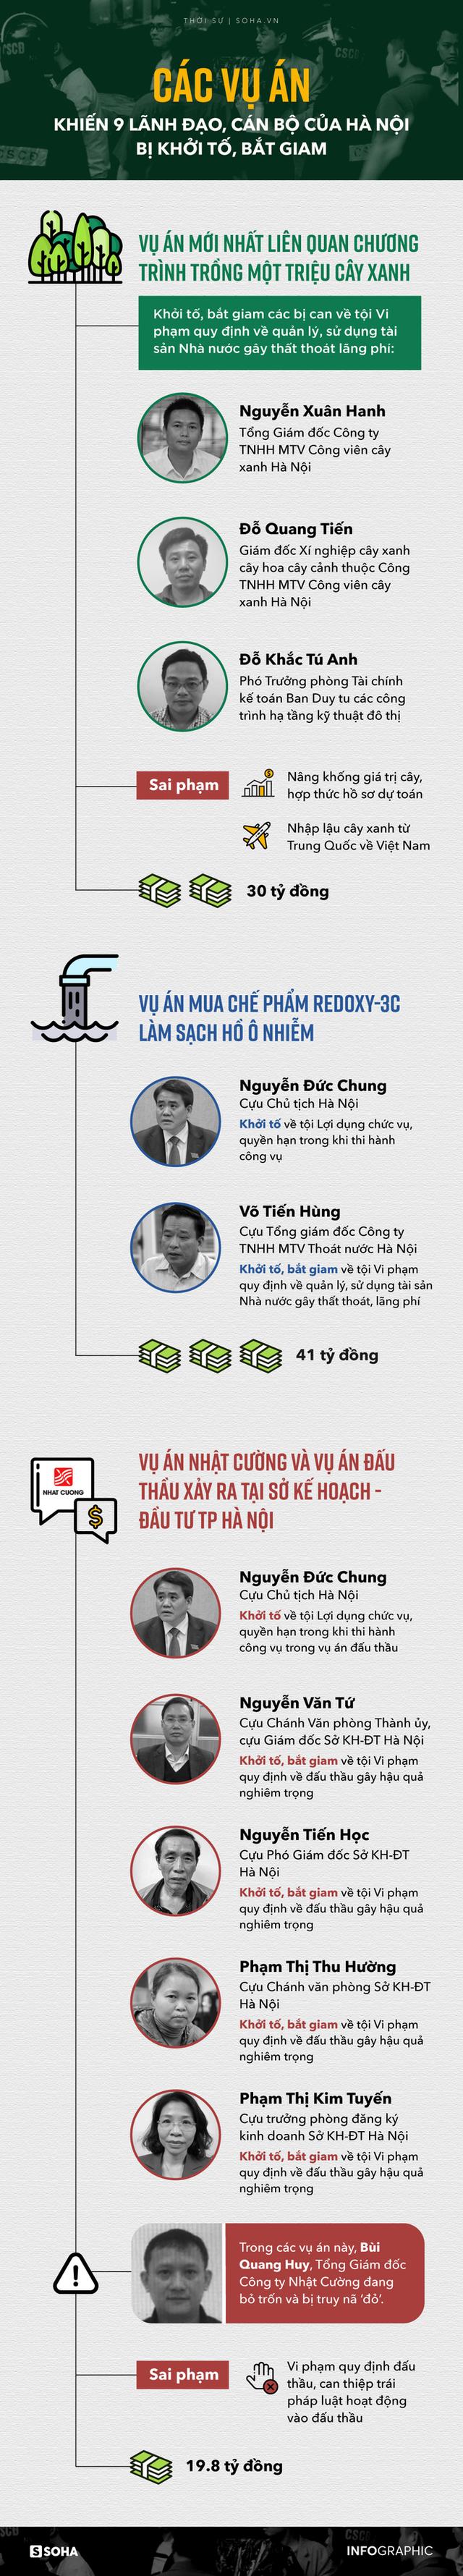 Các vụ án gây thiệt hại hàng chục tỷ đồng, khiến nhiều lãnh đạo, cán bộ ở Hà Nội bị bắt giam - Ảnh 1.